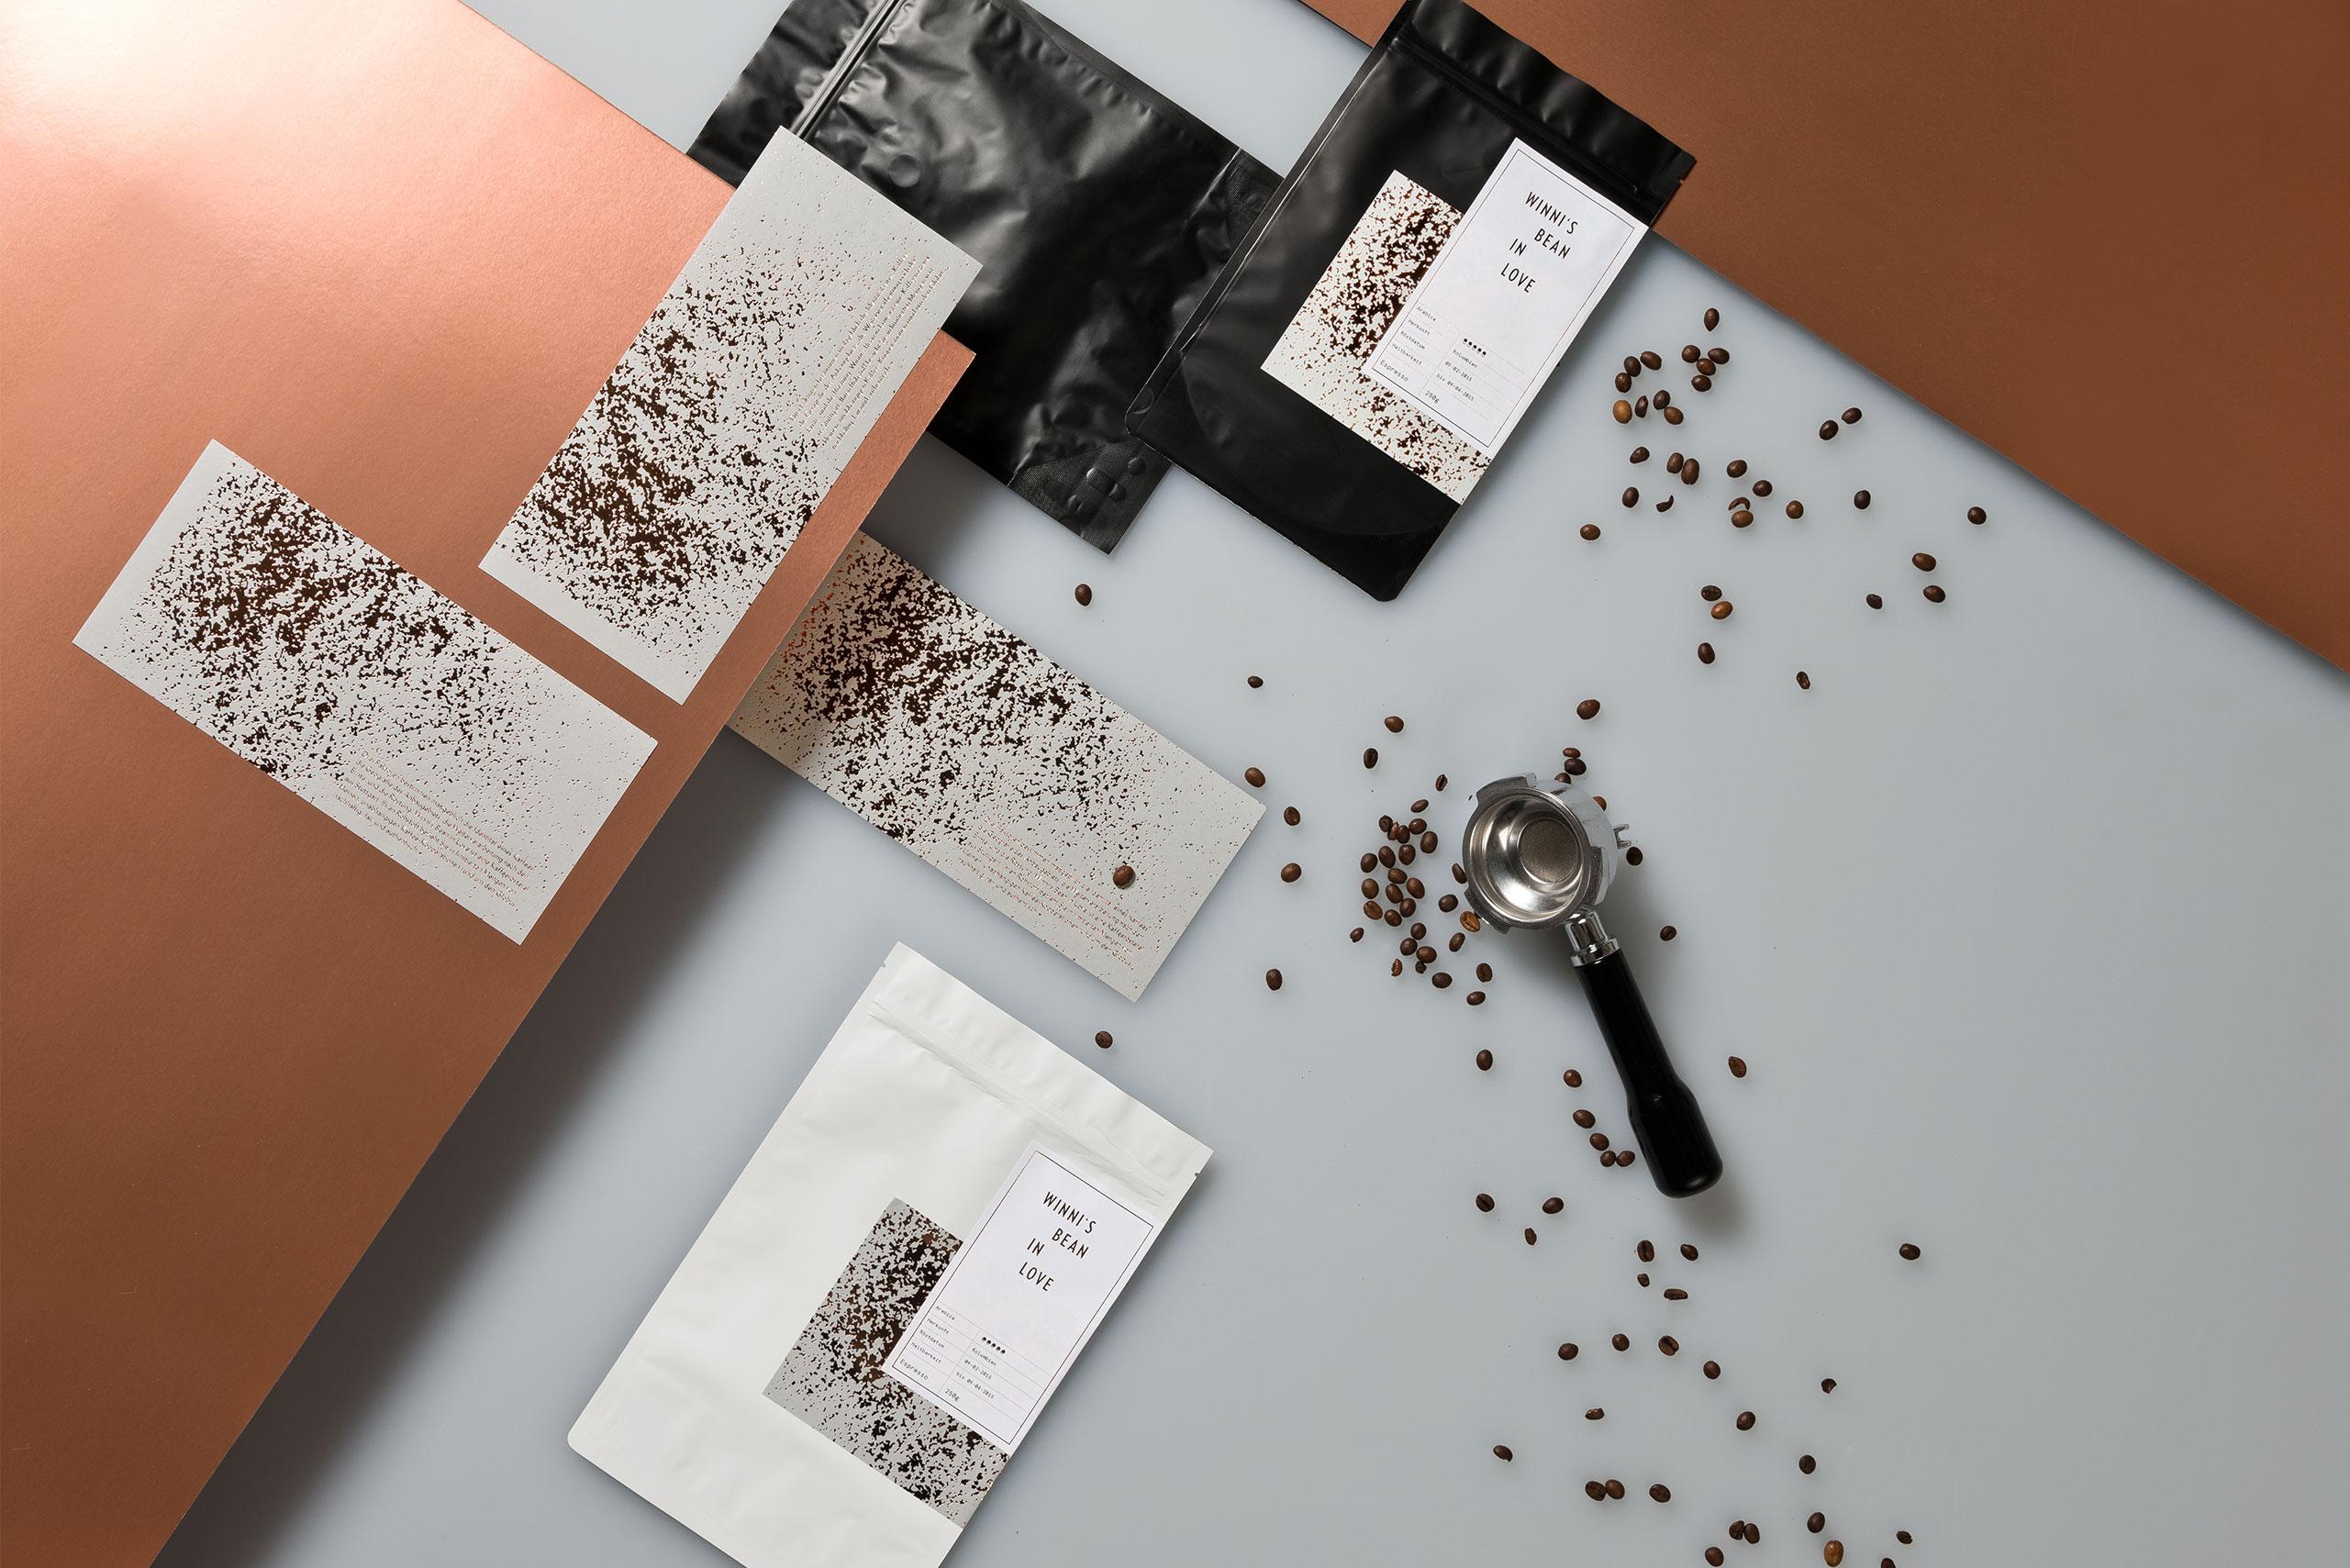 Verpackungsdesign, Kaffee